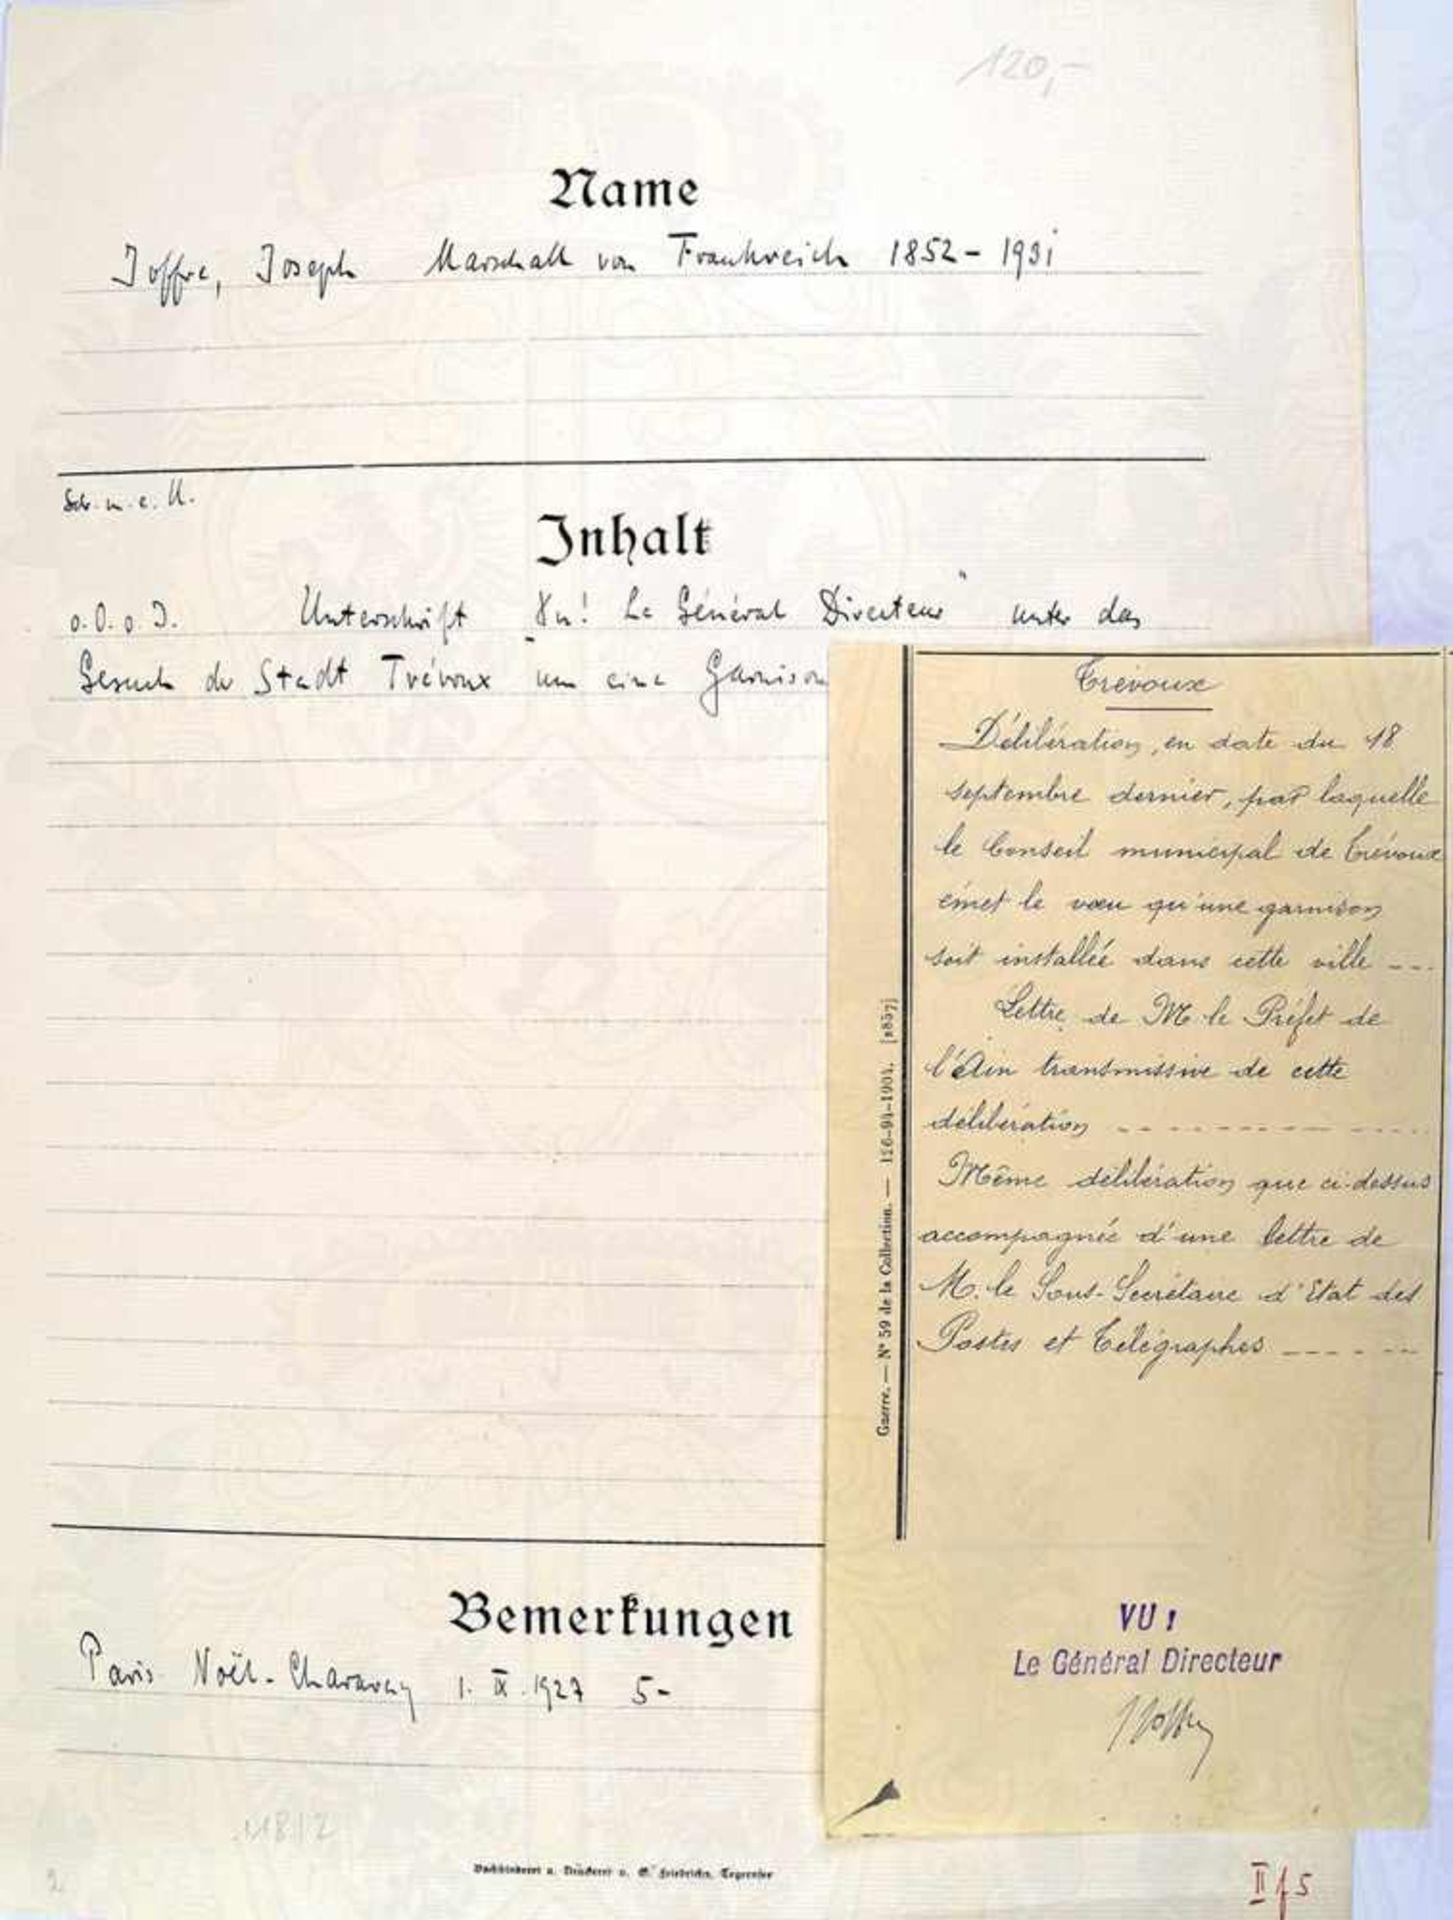 """JOFFRE, JOSEPH, 1852-1932, Marschall von Frankreich, Tinten OU """"J.Joffre"""" auf Gesuch der Stadt"""